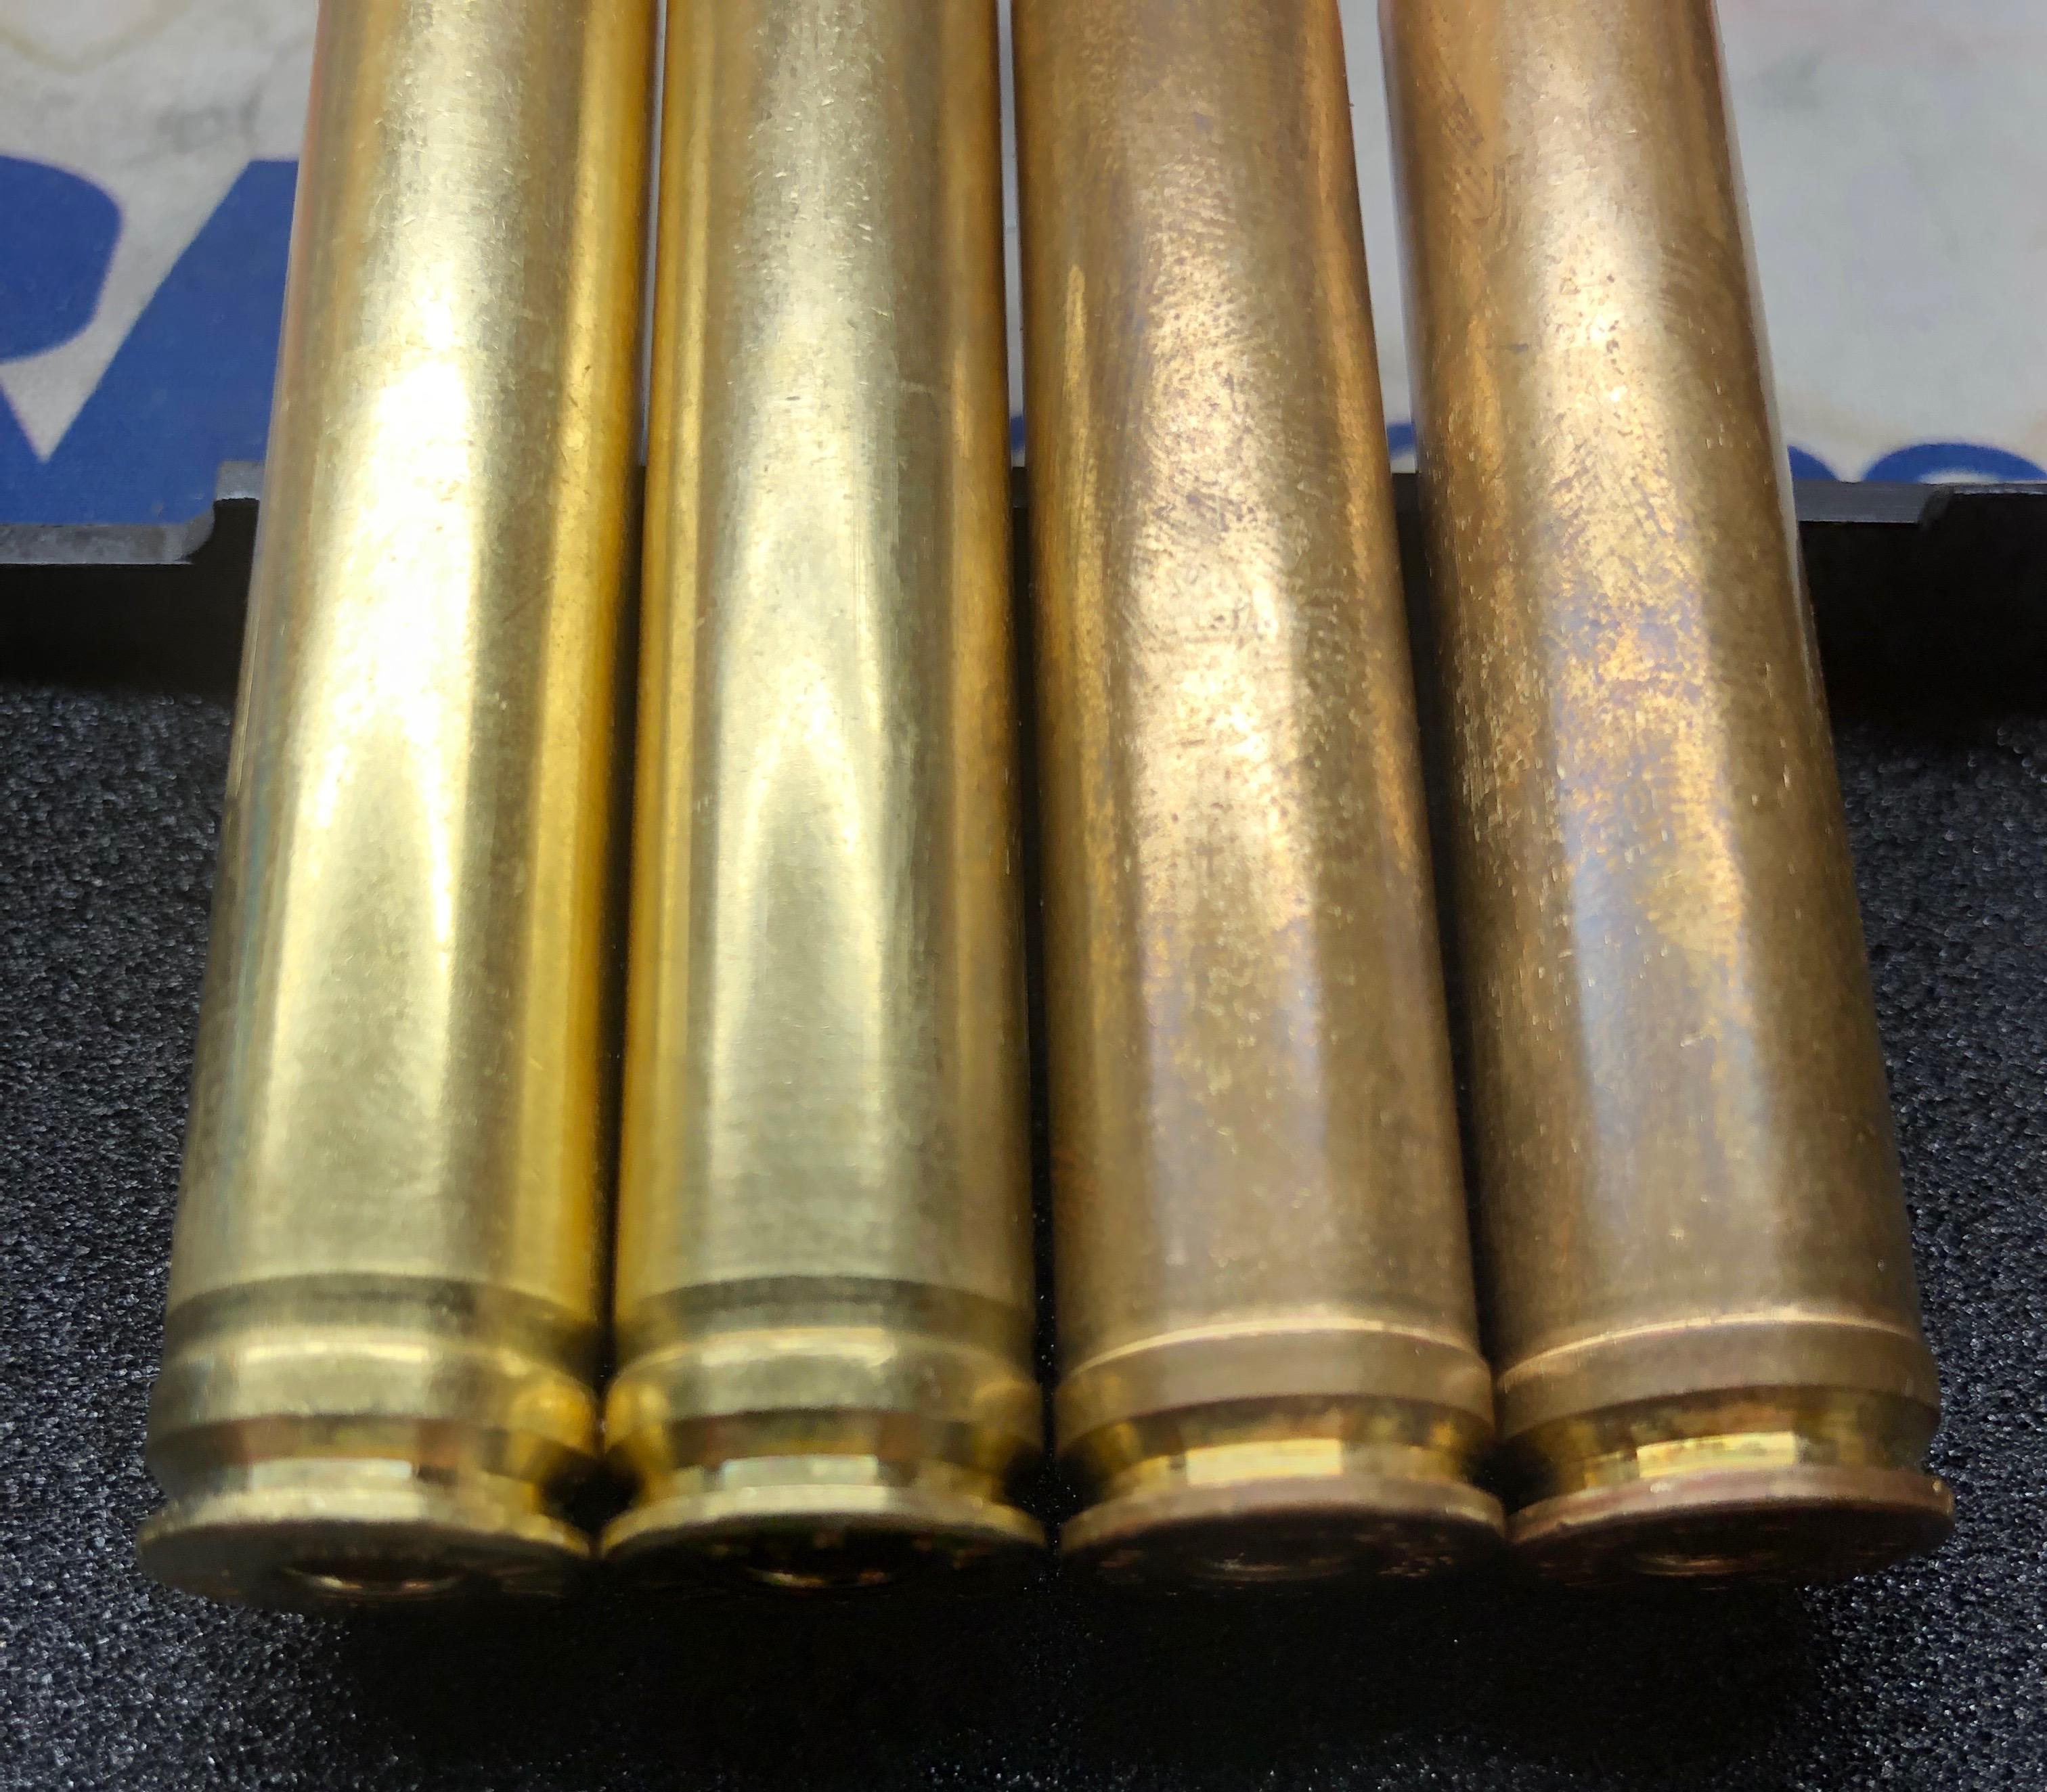 7mm STW Hornady vs Nosler Cases   Long Range Hunting Forum